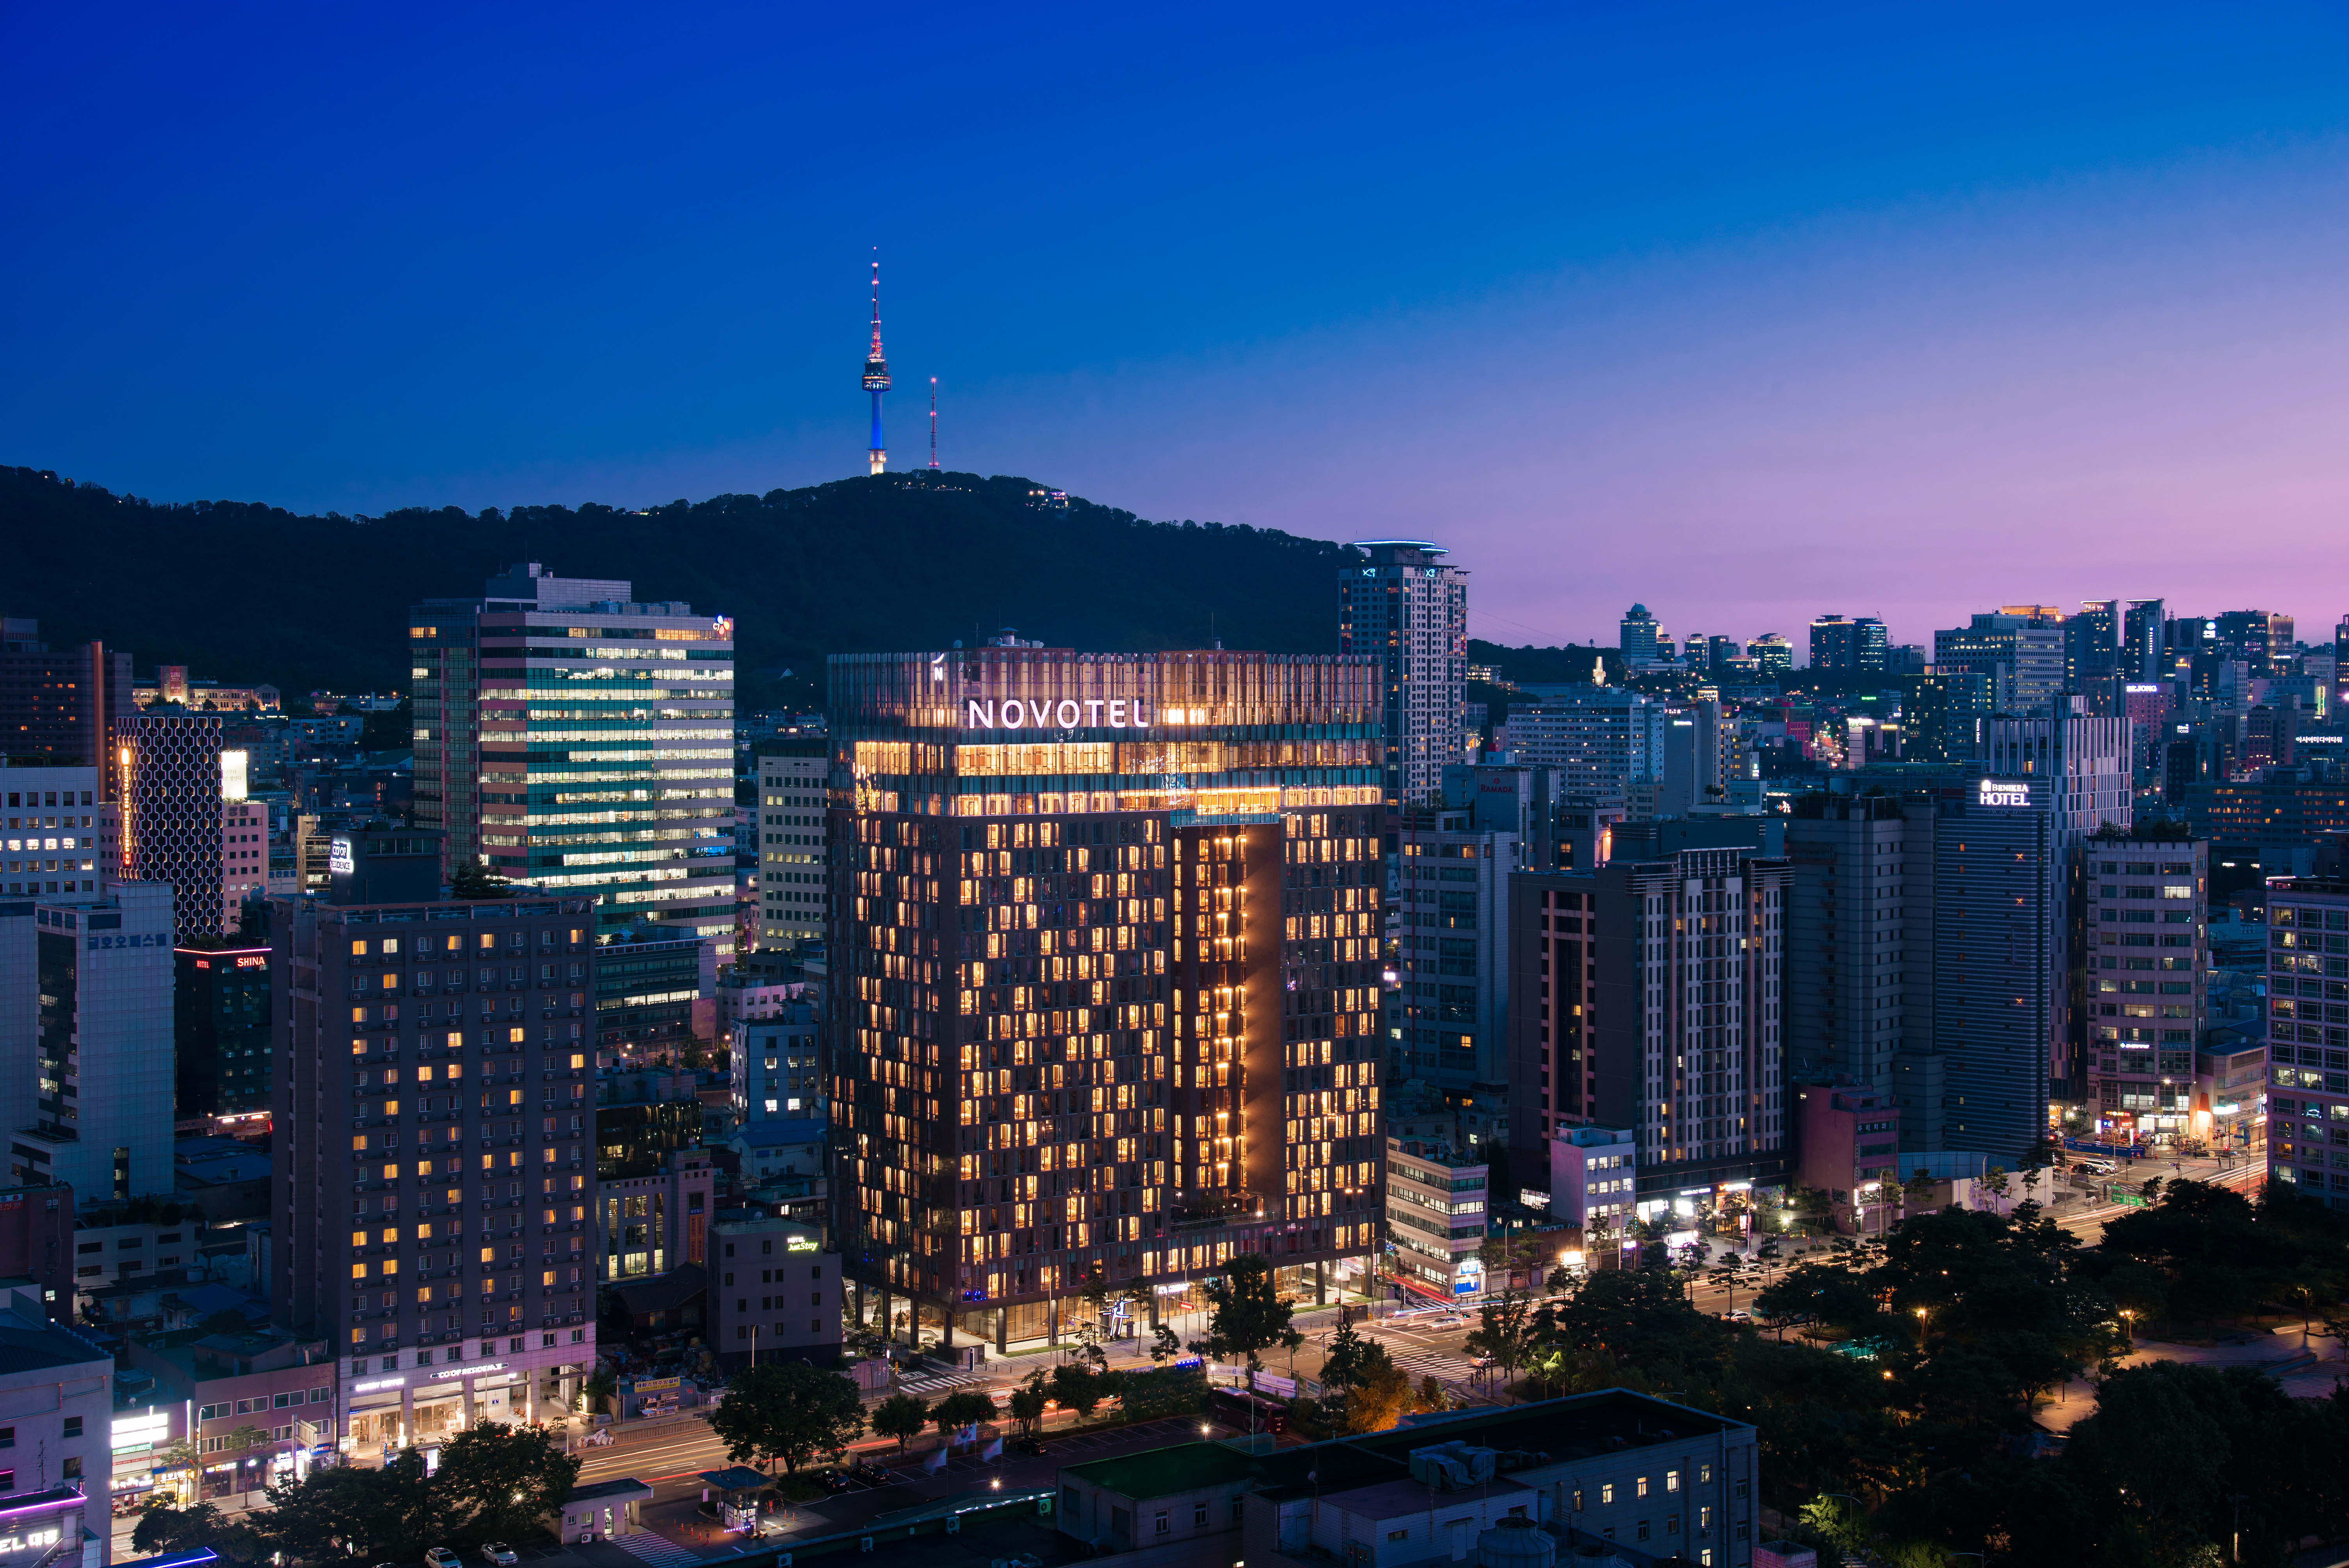 Novotel Ambassador Dongdaemun, Jongro